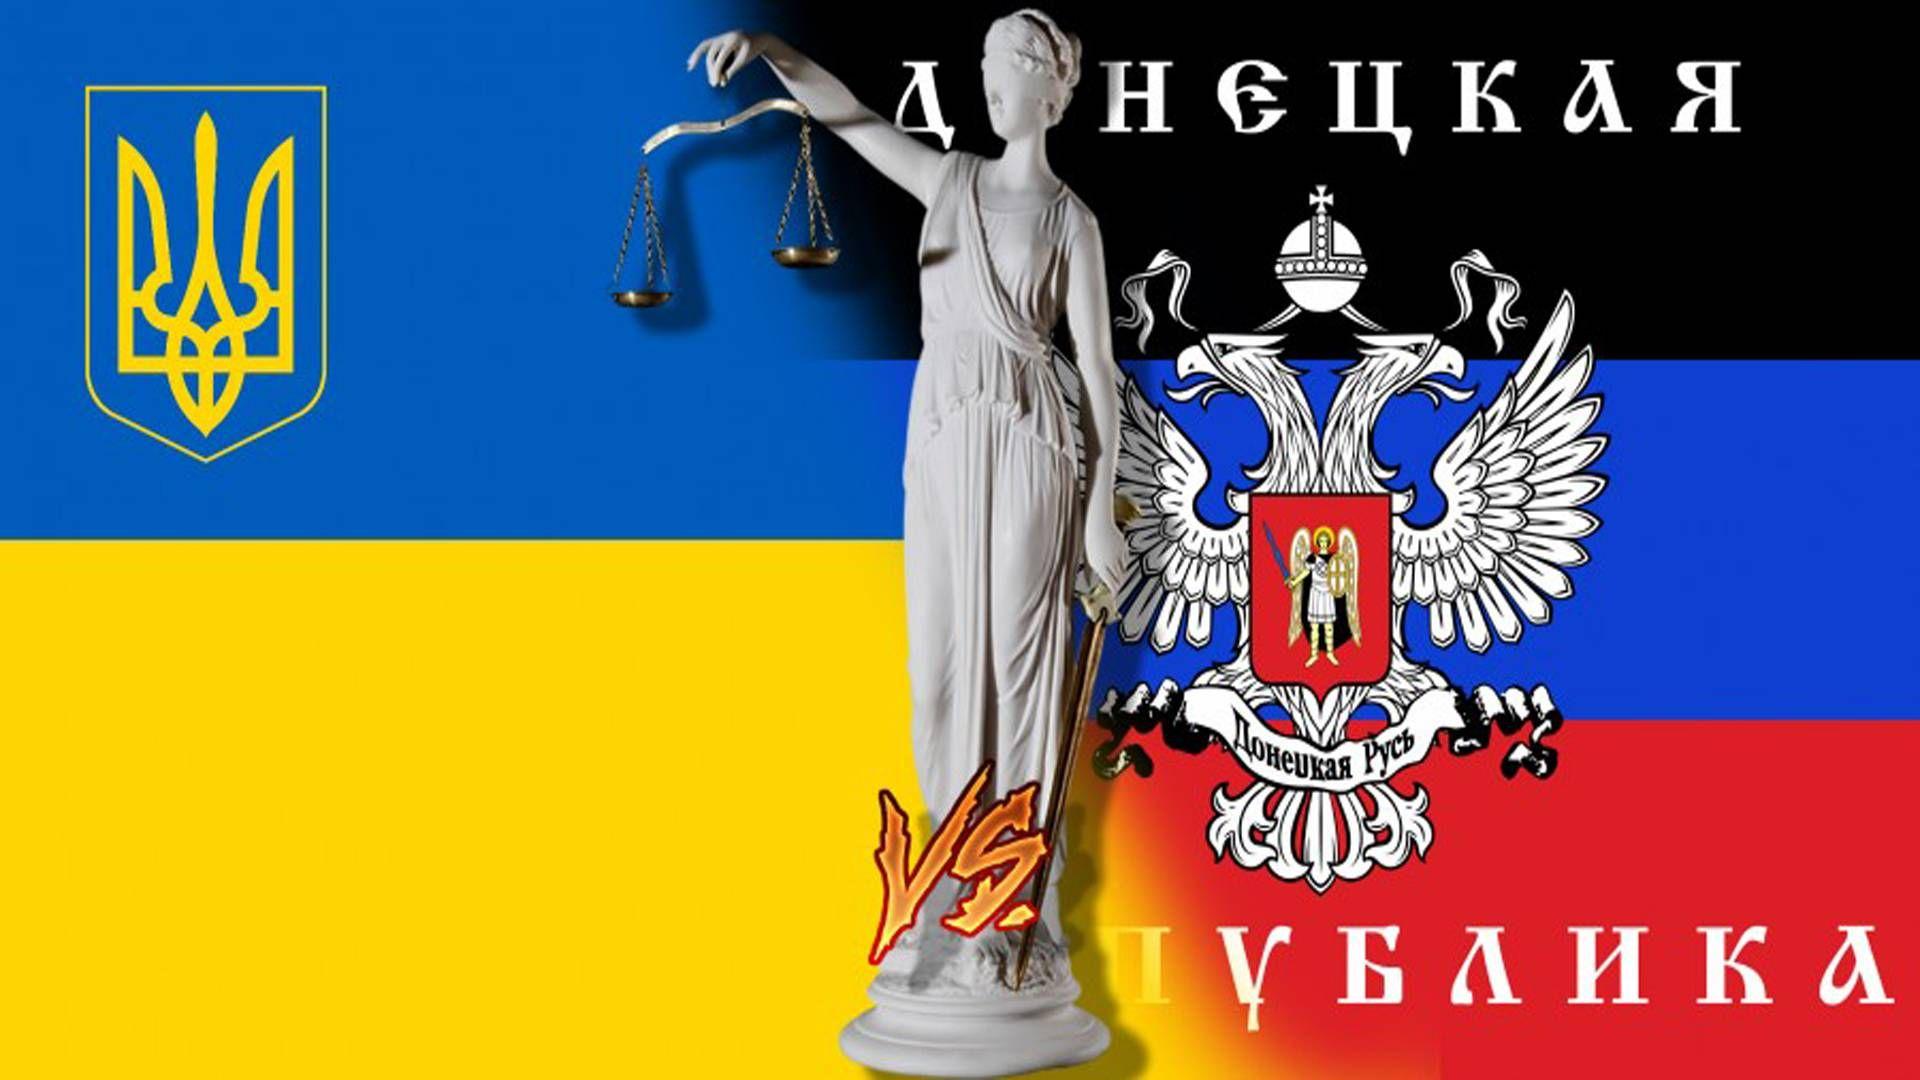 ДНР и Украина